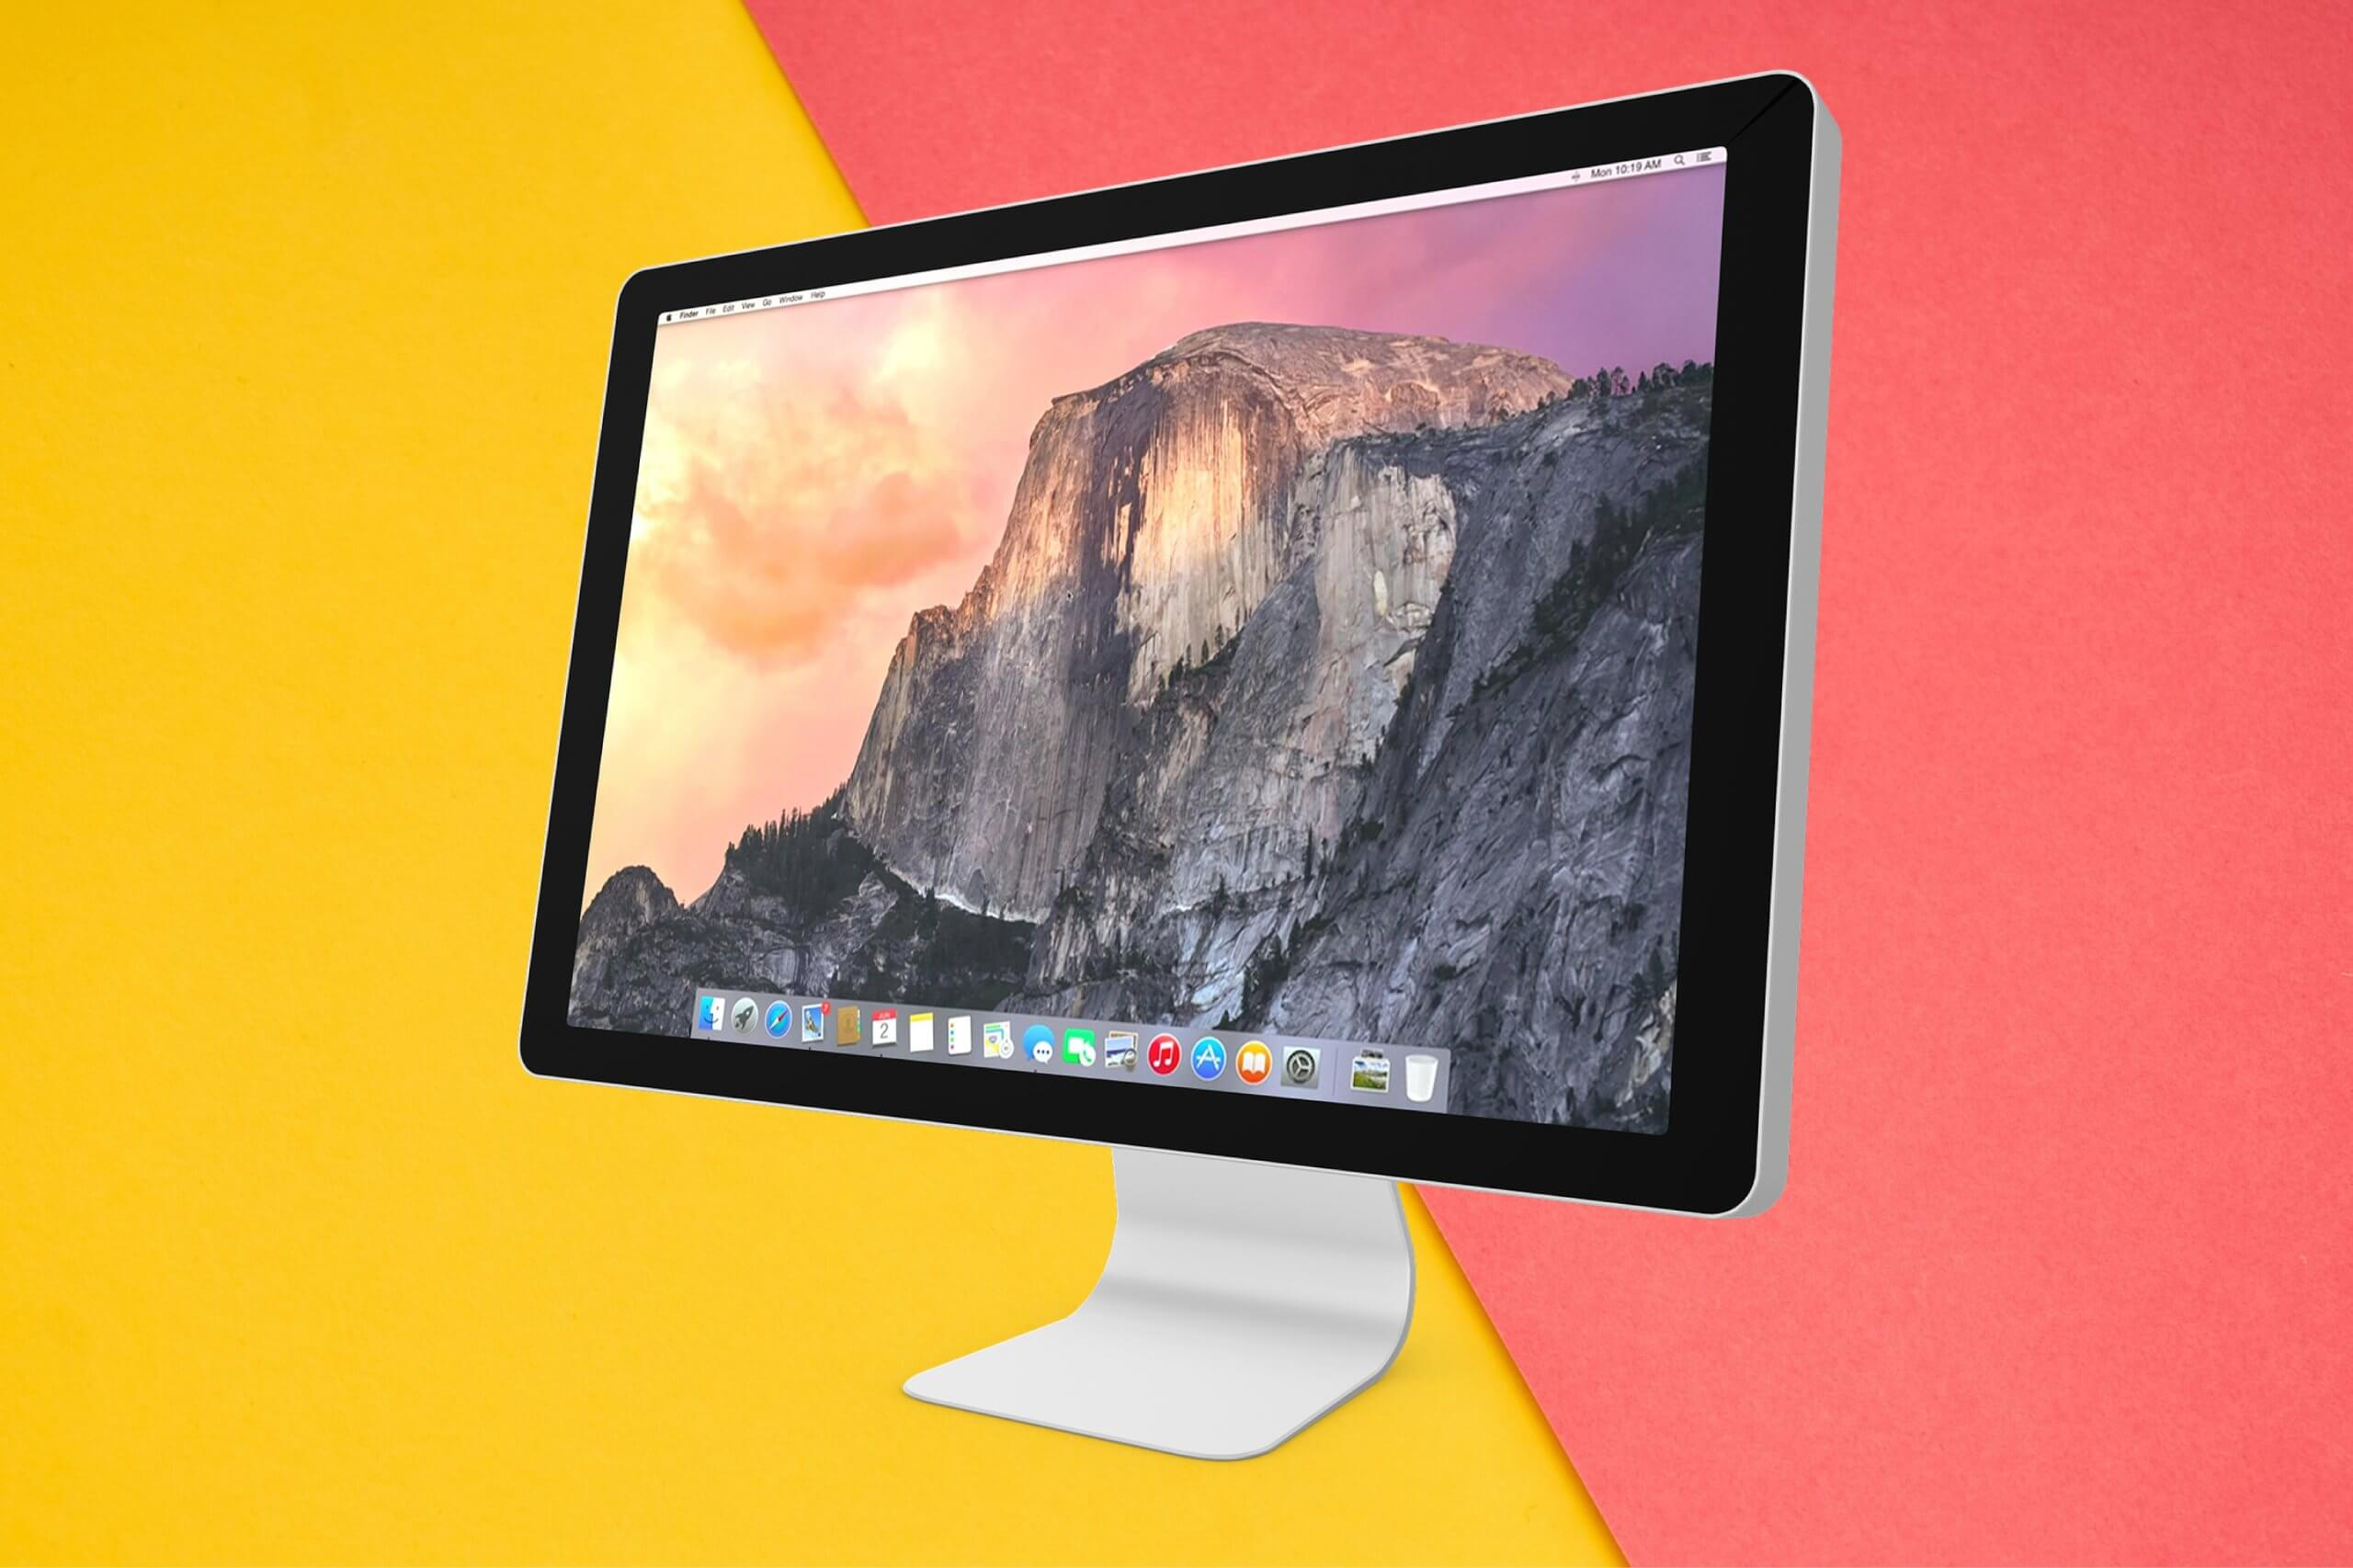 MacBook proからiMacに買い替えた話 〜前編・どこで買うのがベストか編〜